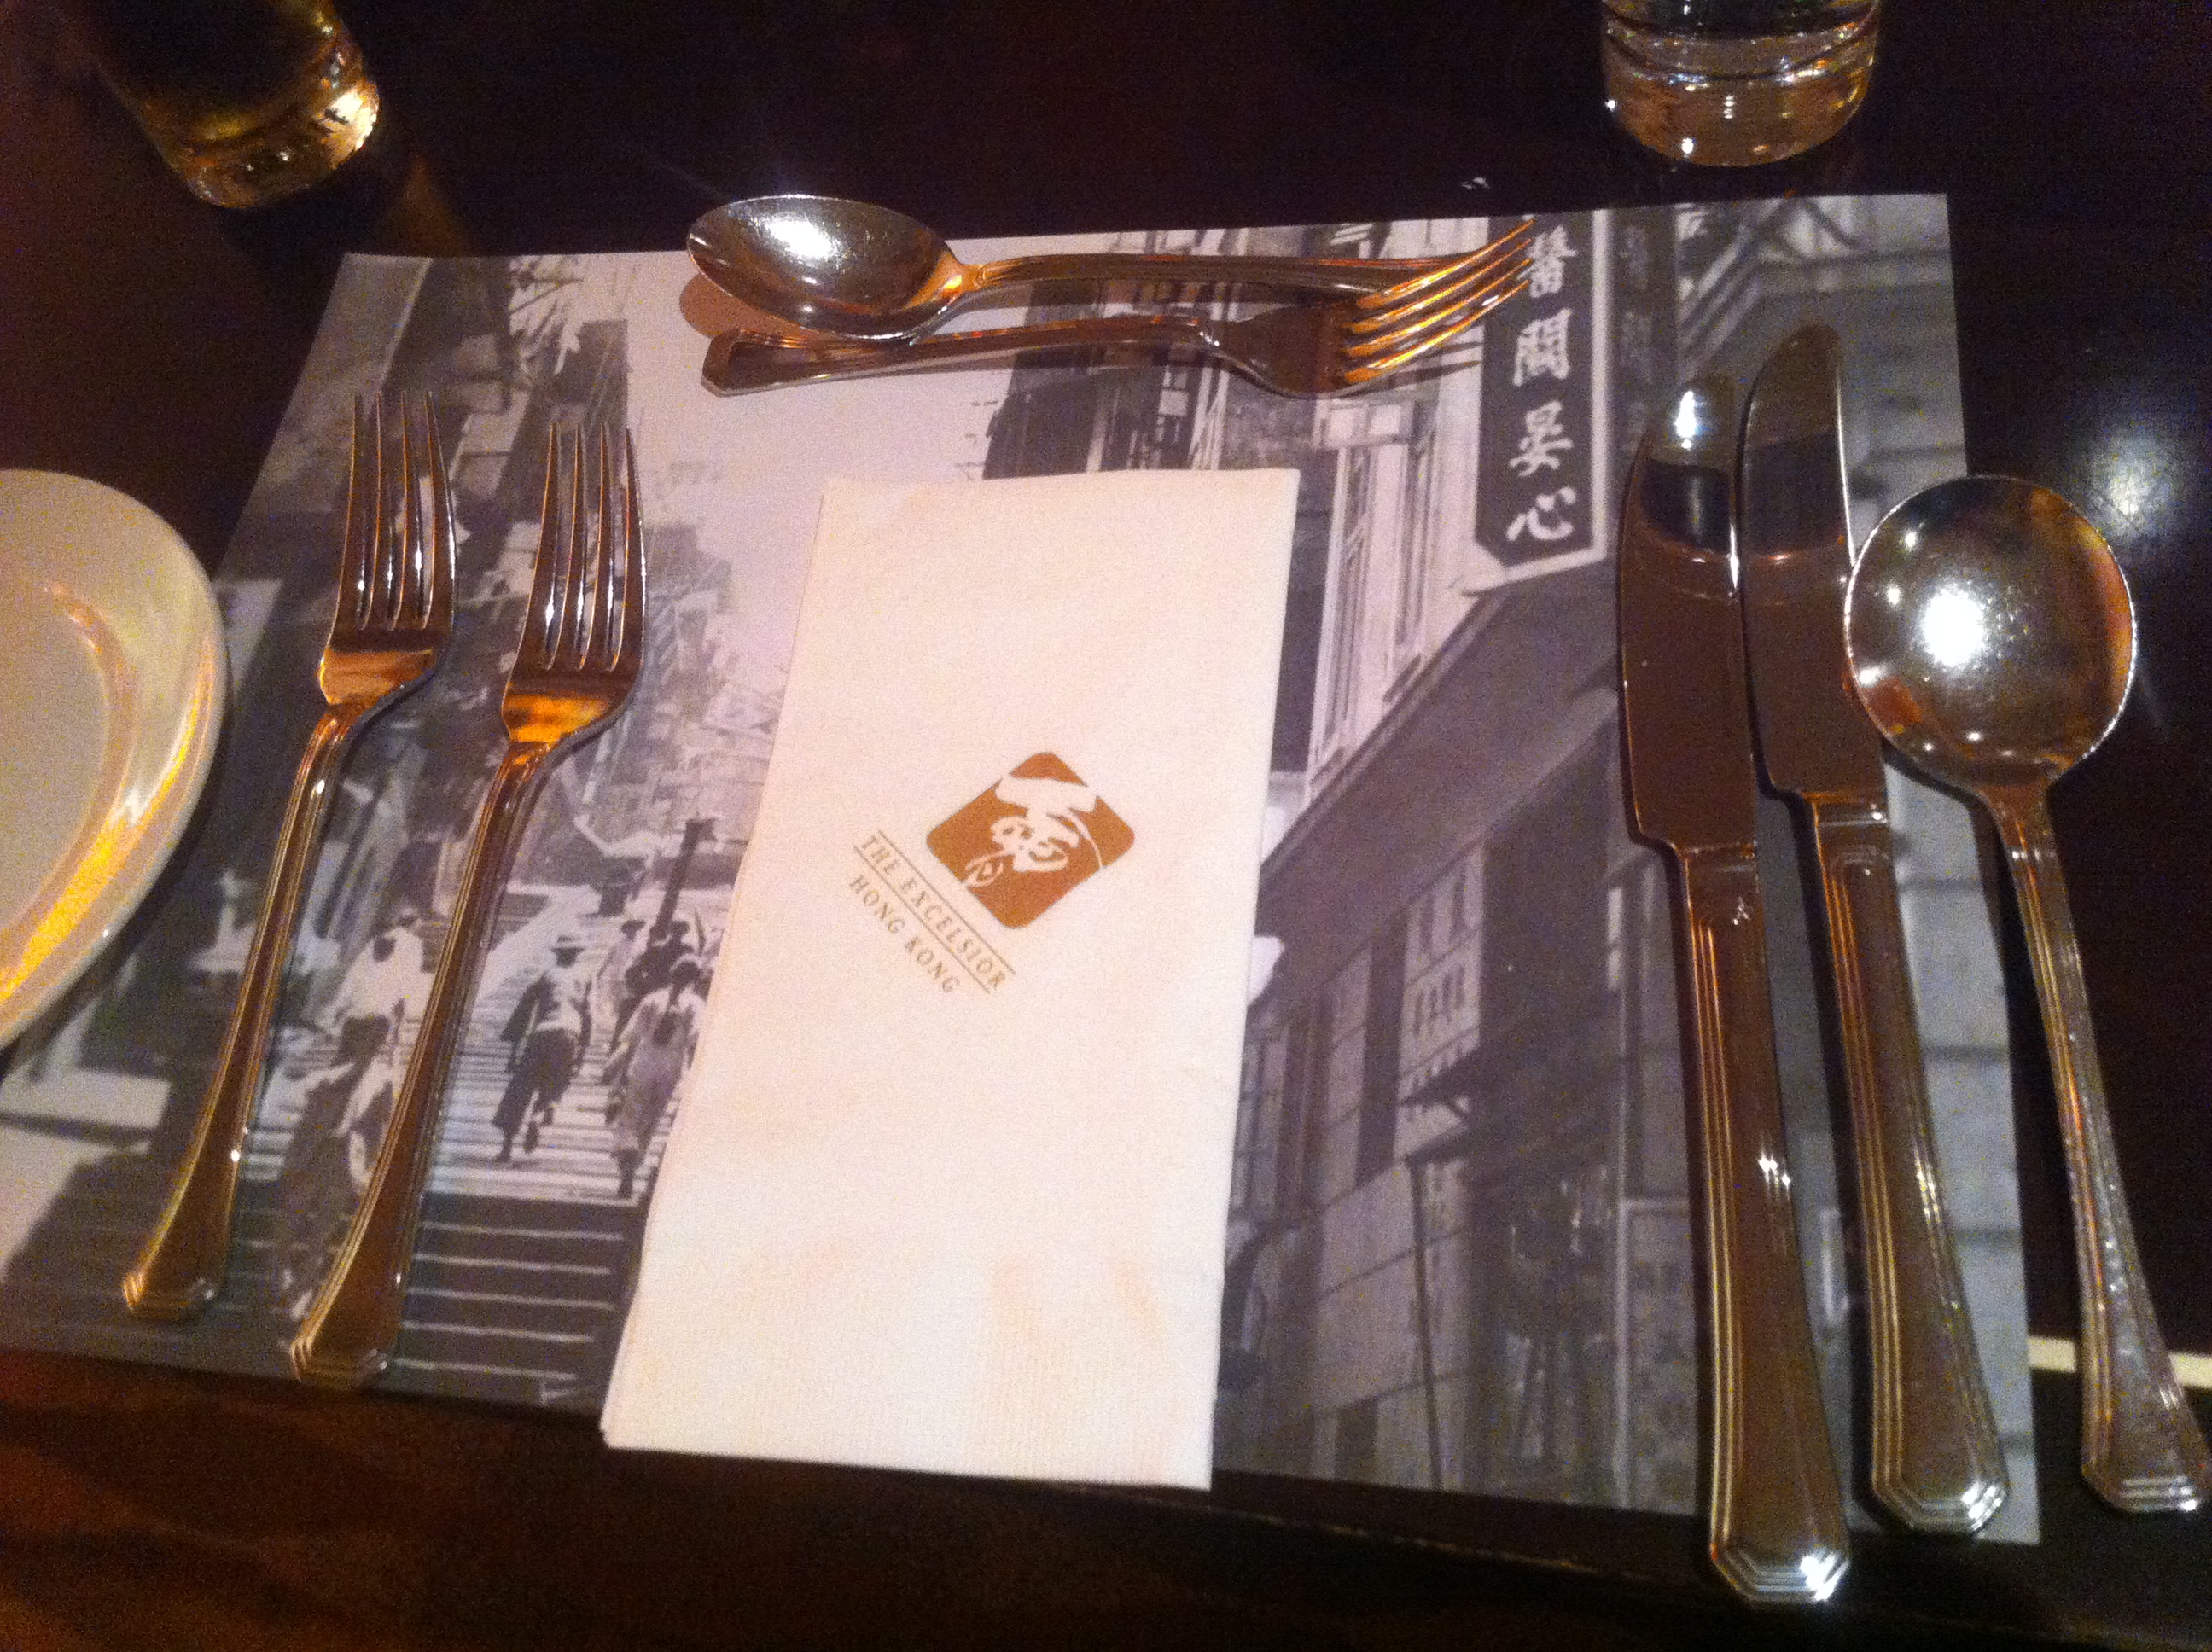 file hk cwb 香港怡東酒店 excelsior hotel forks table setting dec